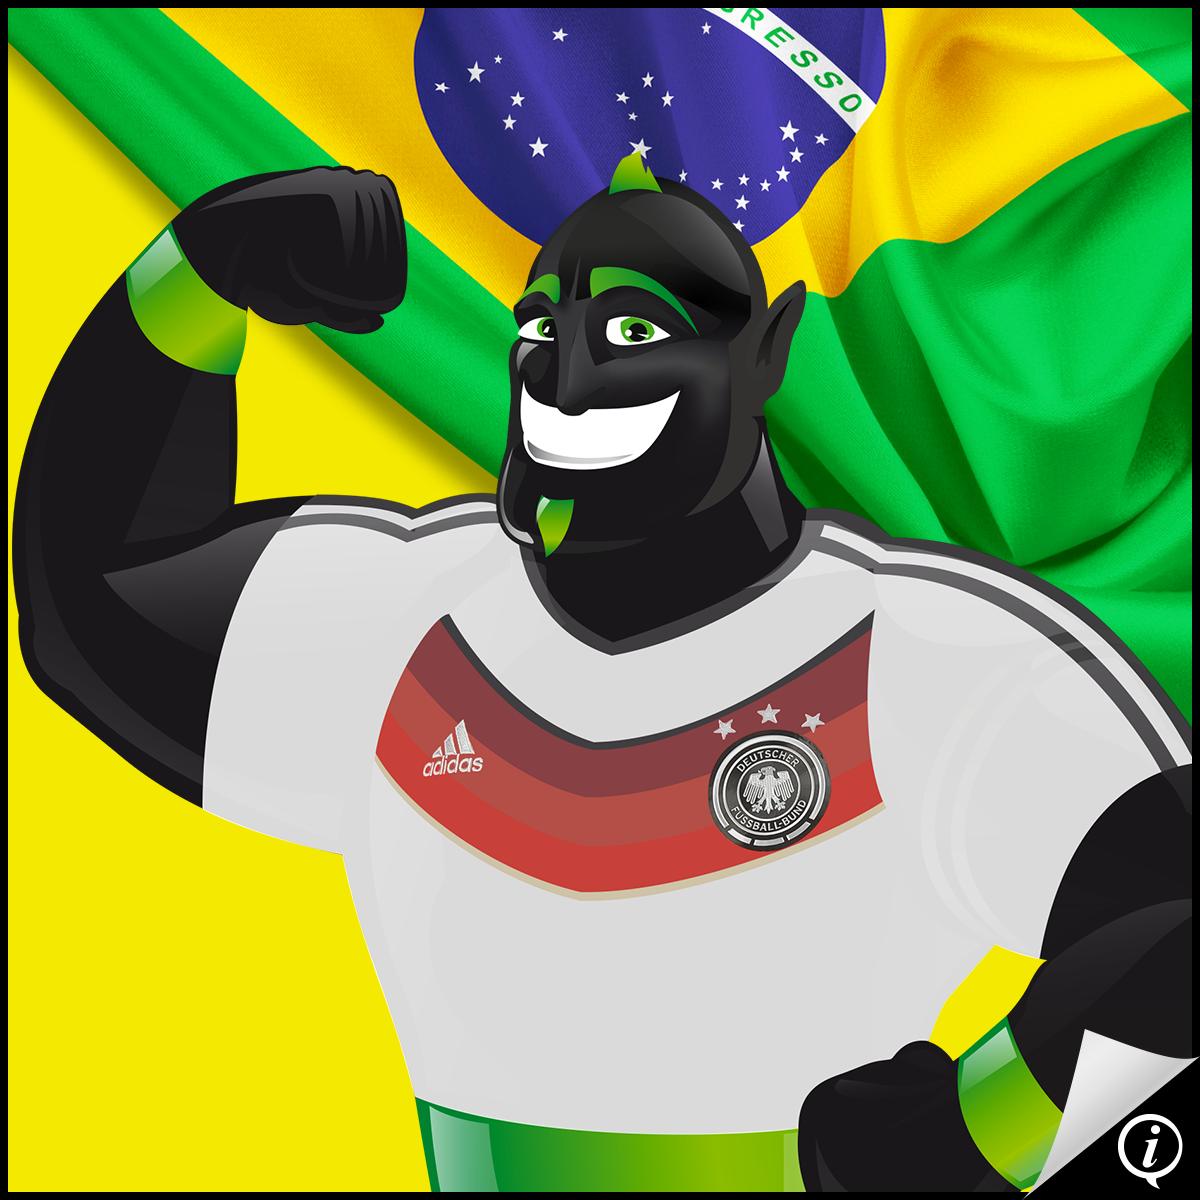 Der FIFA WM 2014 Thread - Seite 11 BsFjN9lCQAAoXm8